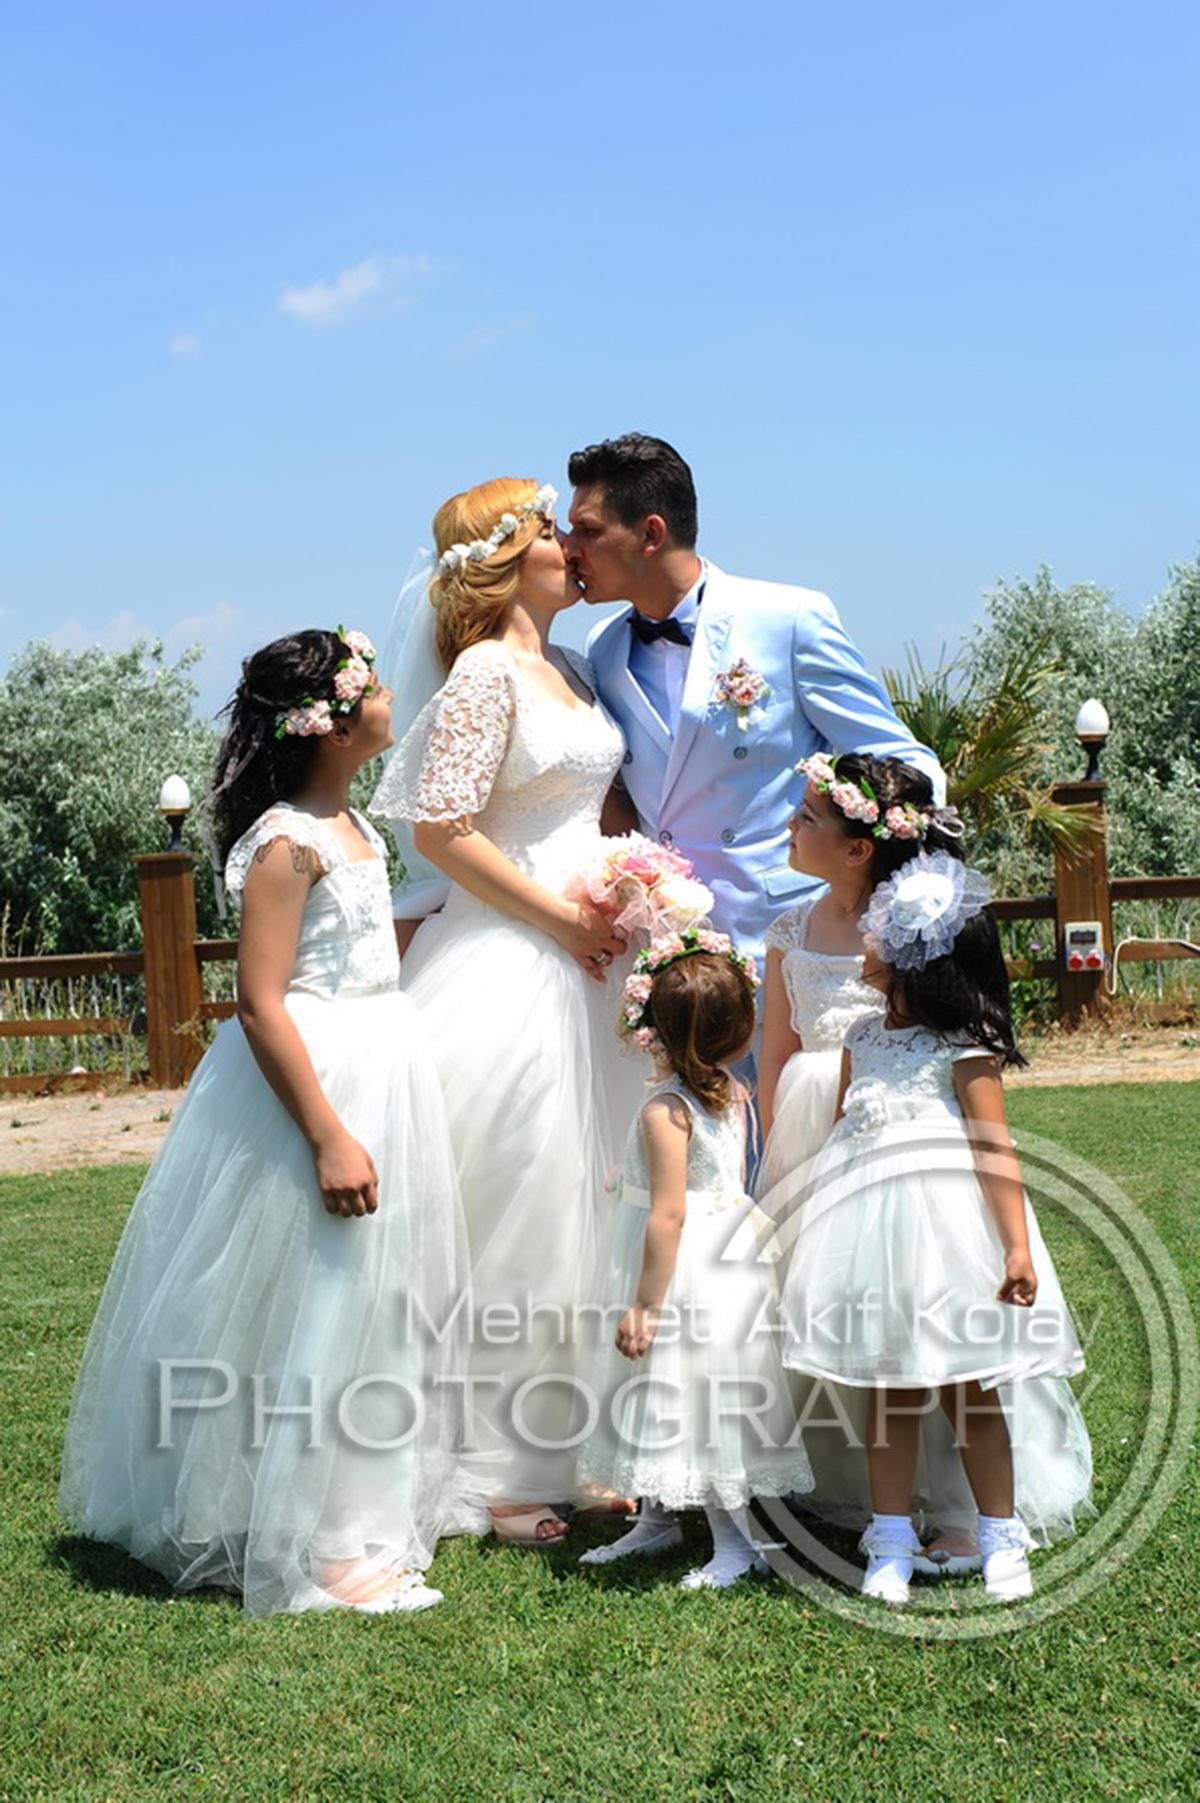 profesyonel düğün fotoğrafçıları düğün fotoğrafçısı - profesyonel d      n foto  raf    lar    - Düğün Fotoğrafçısı